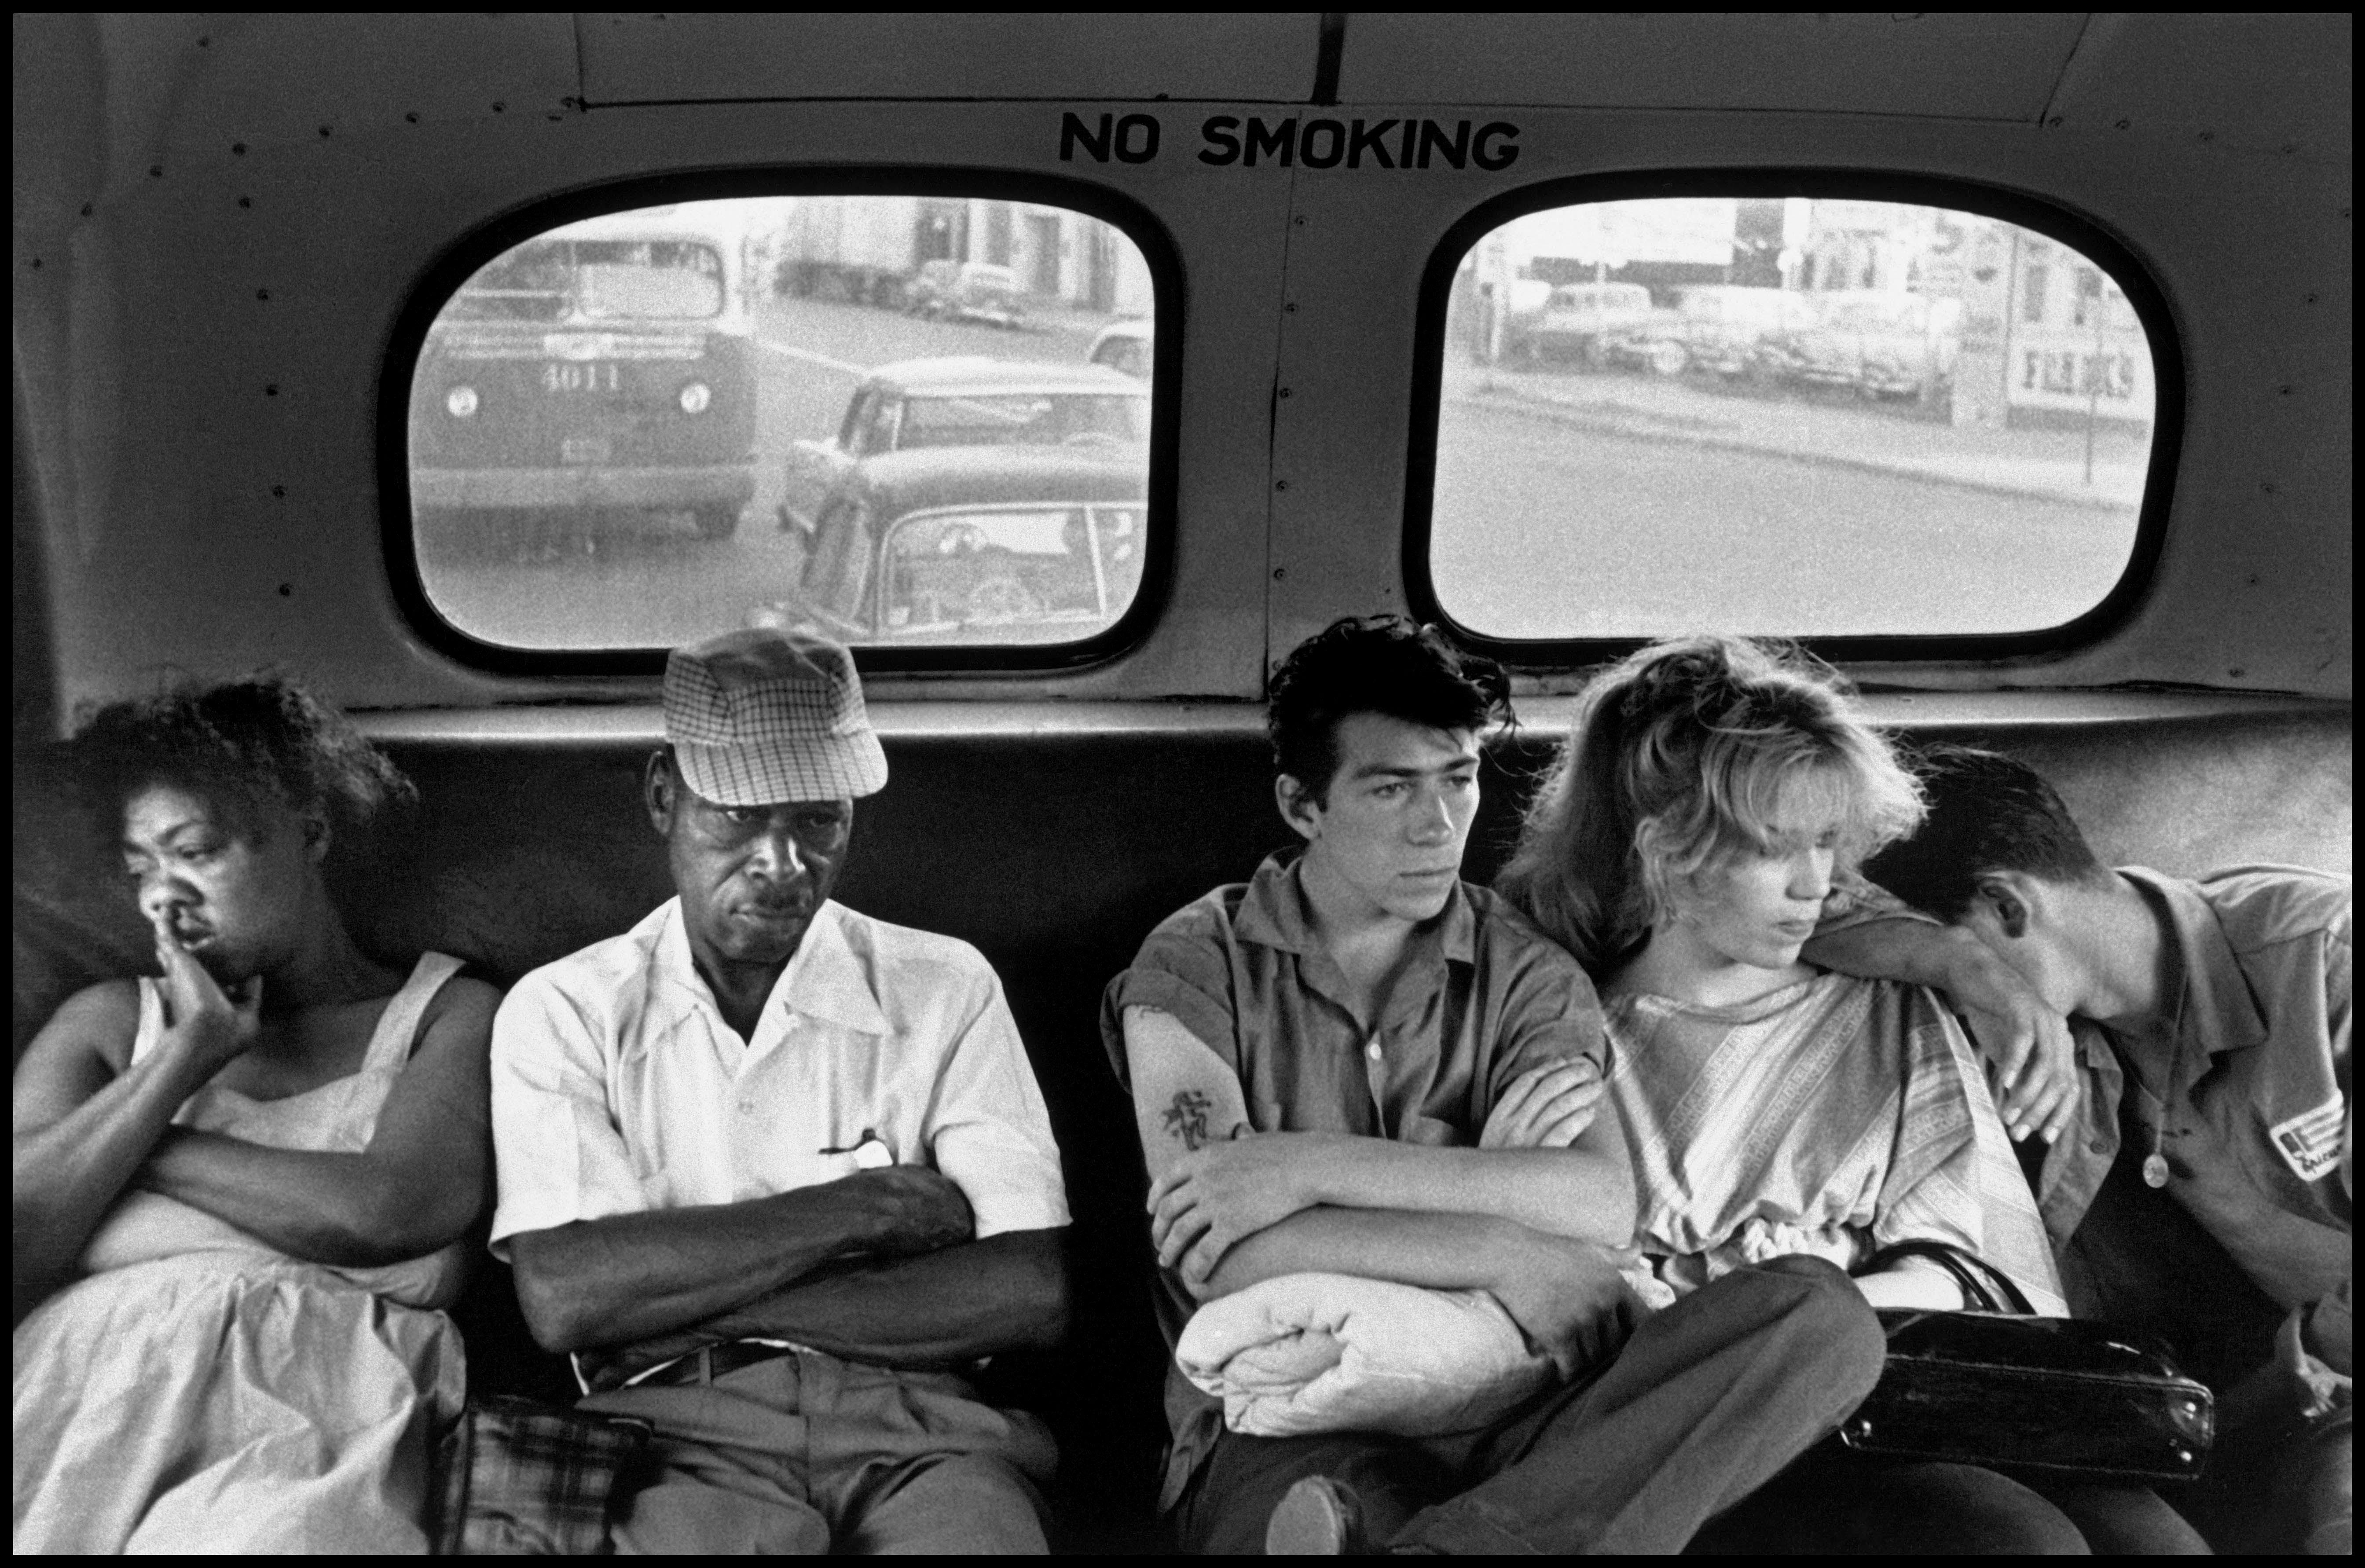 Brooklyn, New York, 1959